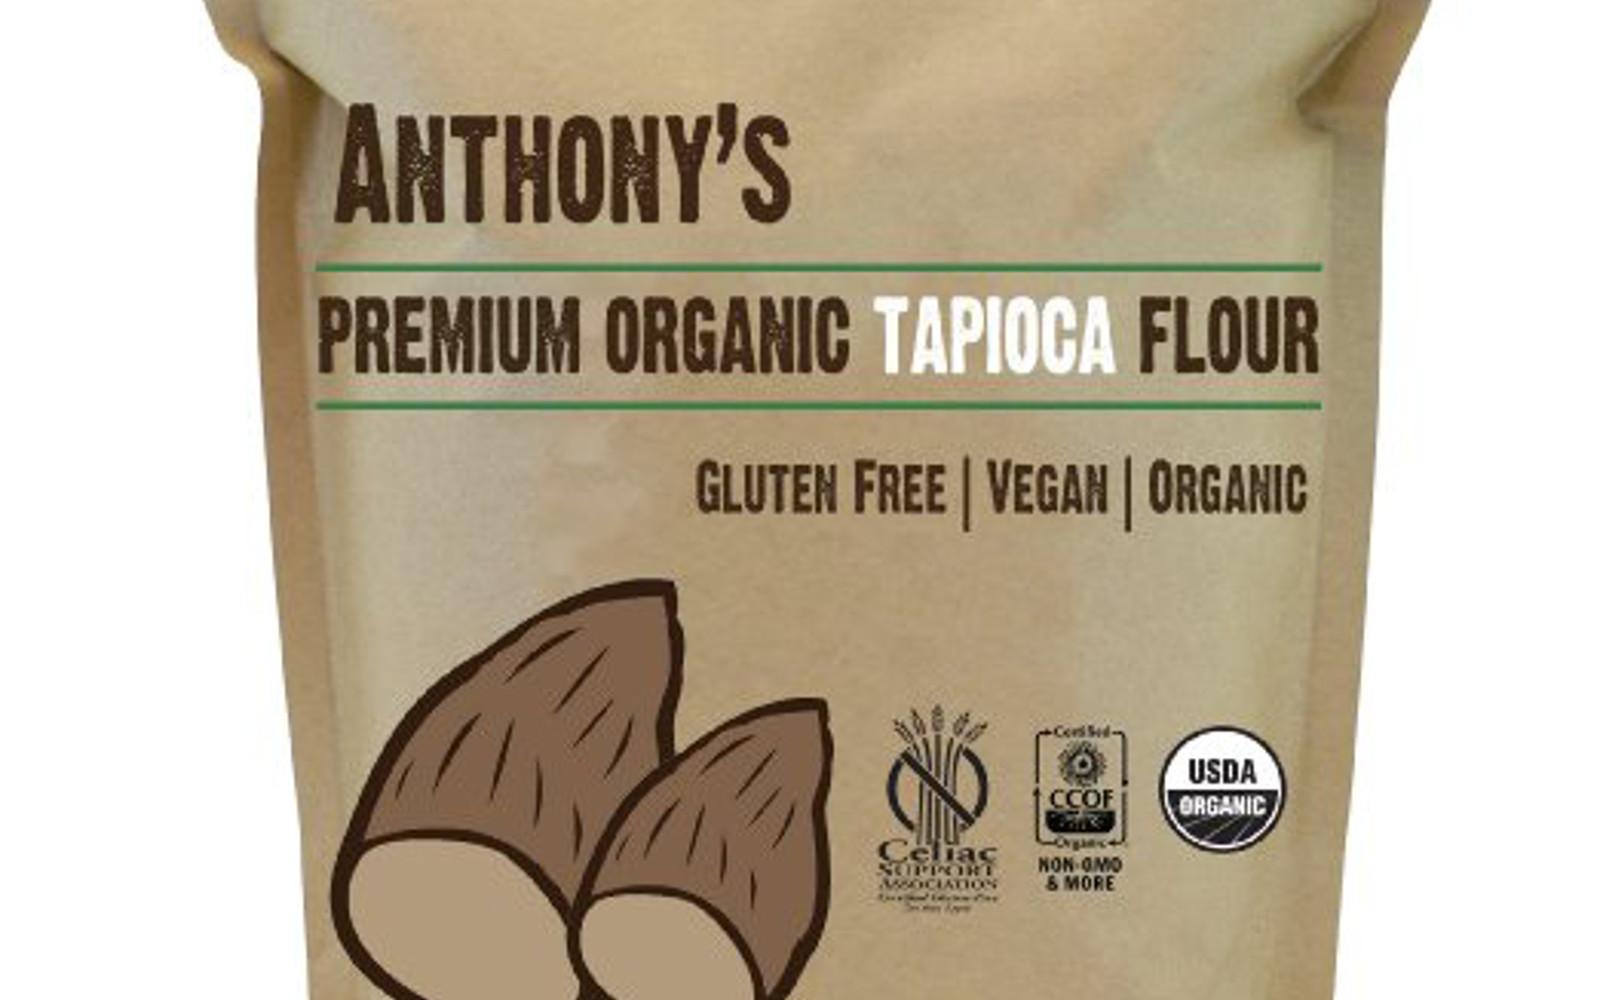 Anthony's Tapioca Flour